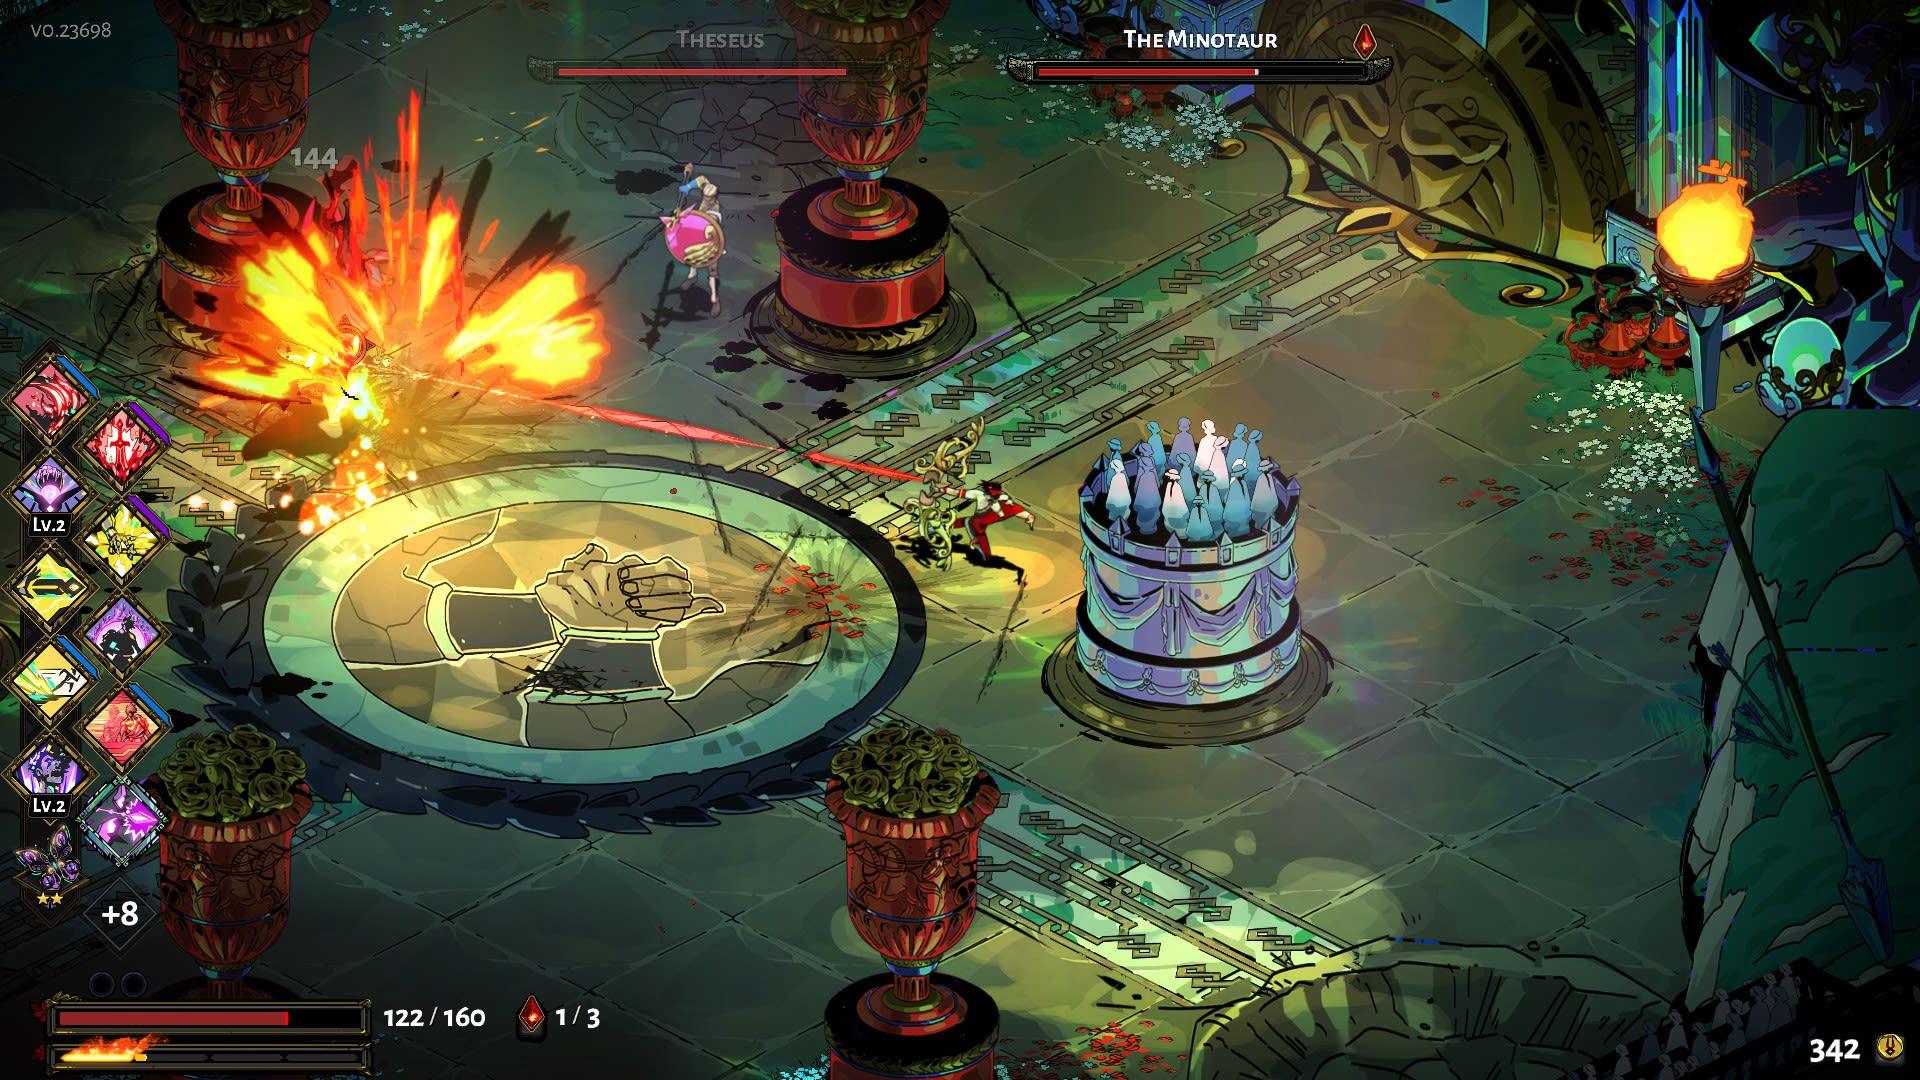 """O game independente Hades que mistura """"rogue"""" com mitologia grega foi uma das surpresas do ano (Divulgação: Supergiant Games)"""